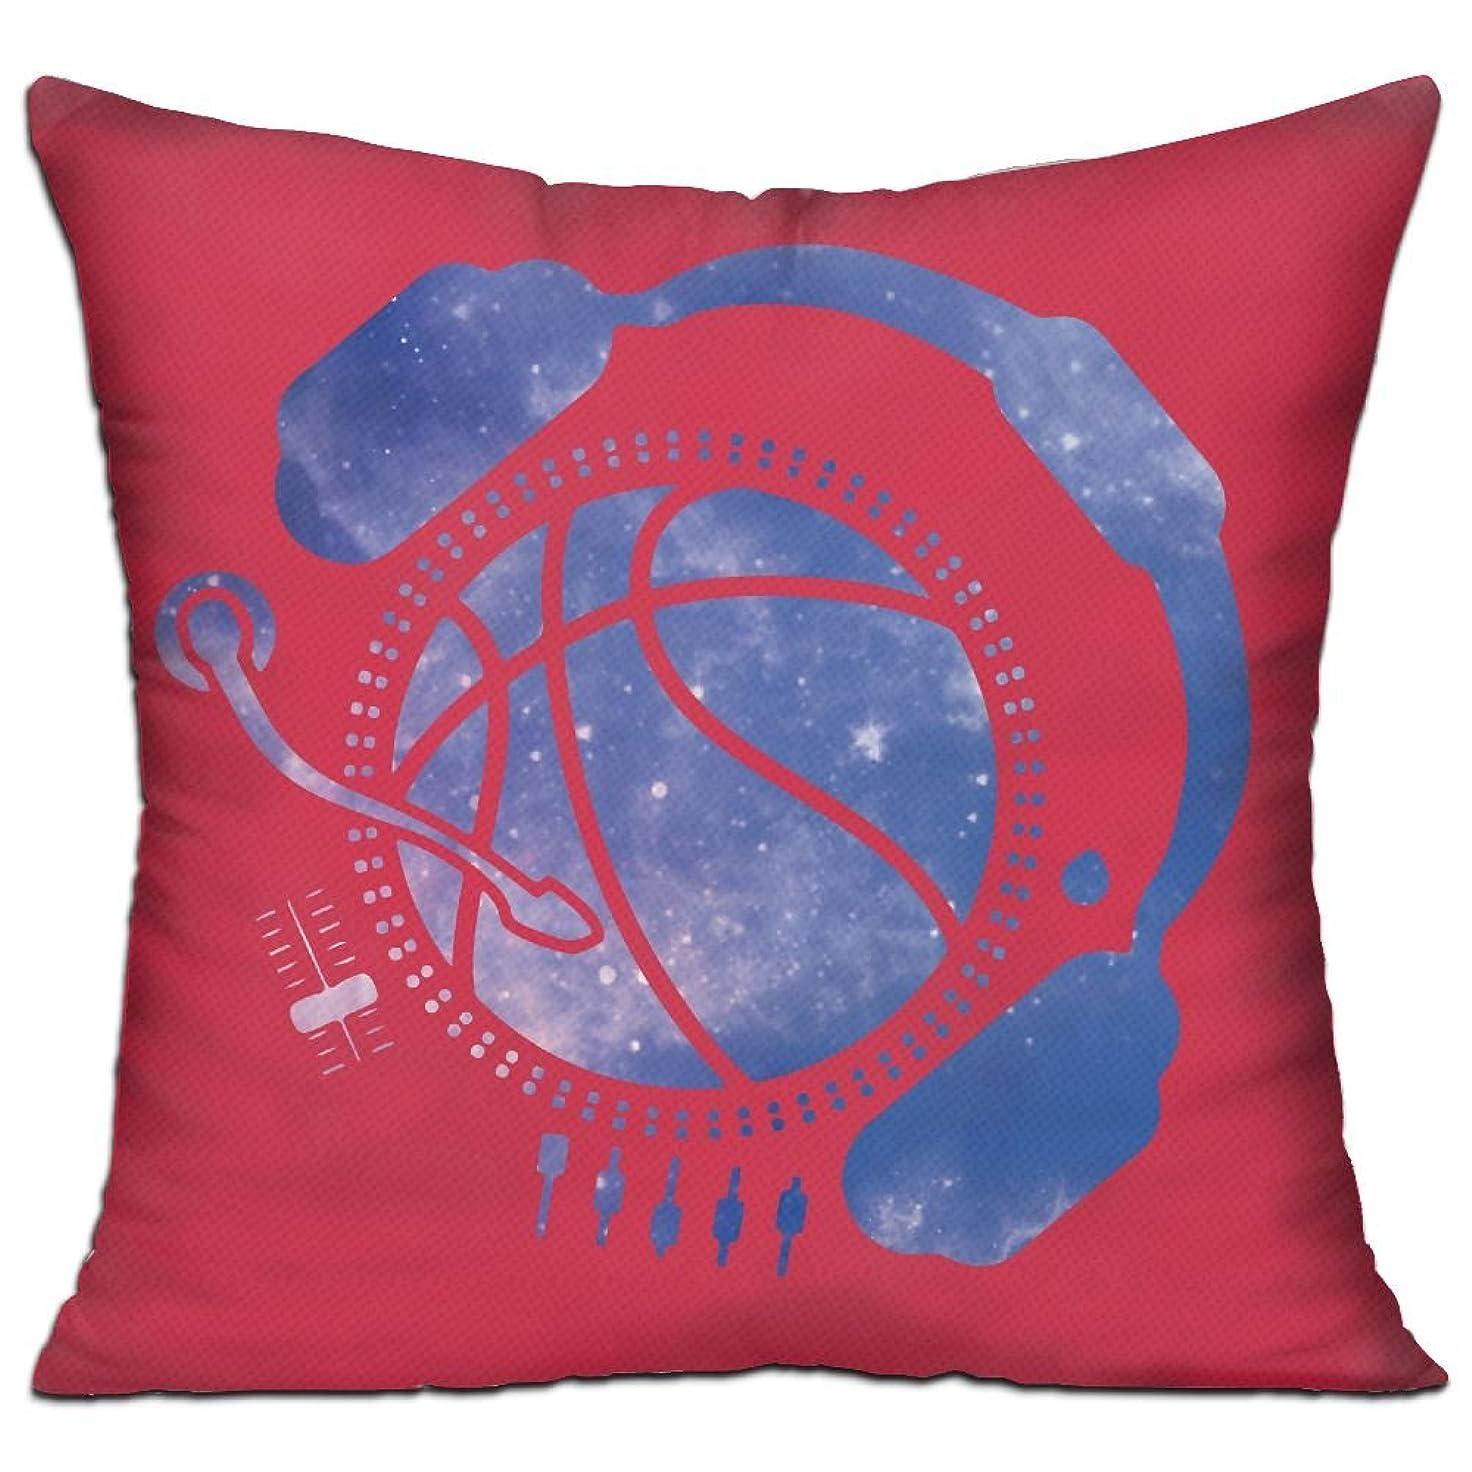 祝福羊の固めるバスケ試合 ゲーム MC ロック魂 抱き枕 だきまくら クッション 座布団 柔らかい 贈り物 中身:綿 45*45cm